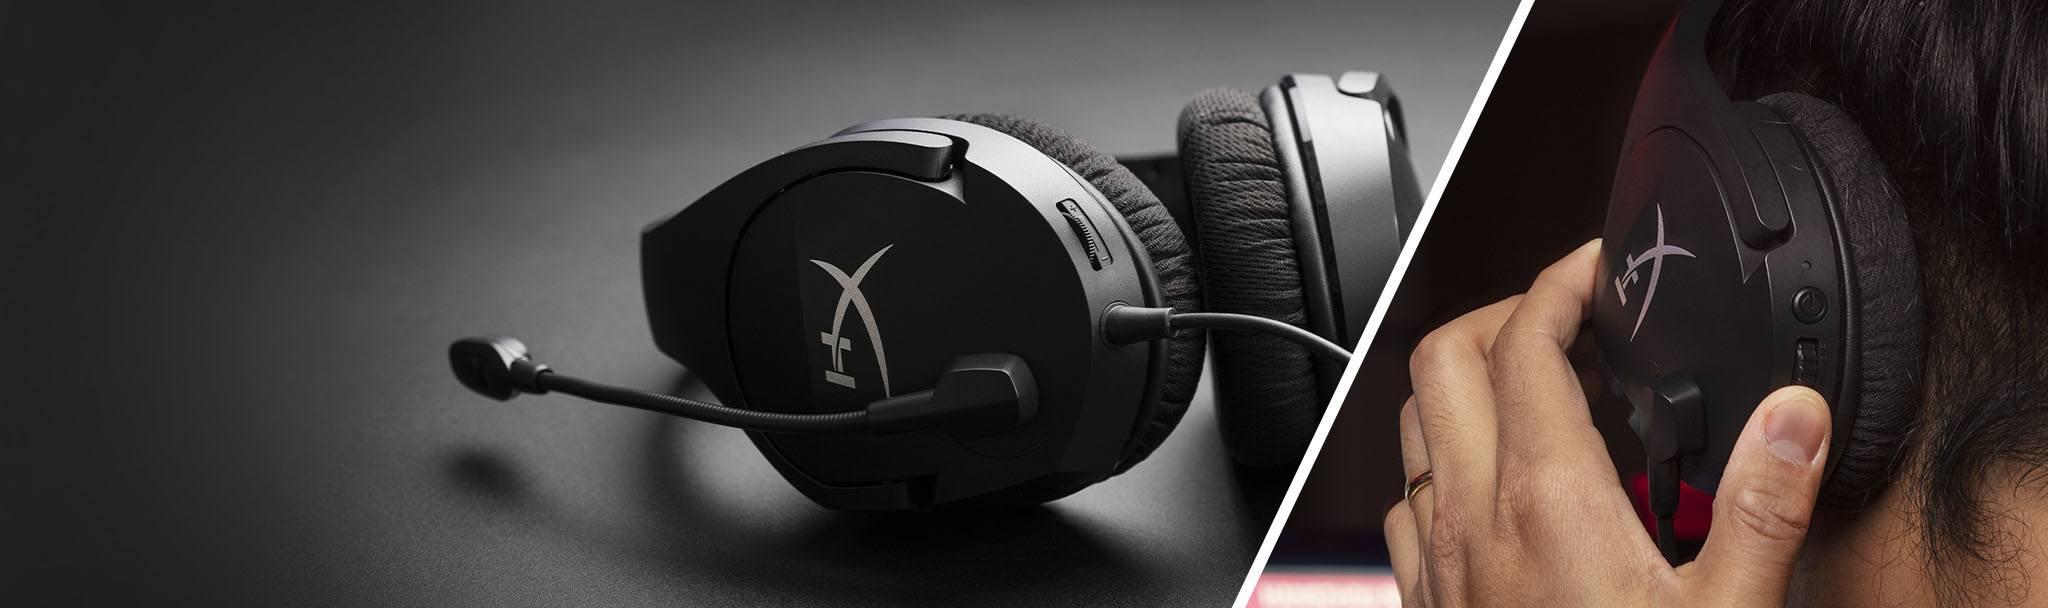 Tai nghe Kingston HyperX CLOUD STINGER CORE 7.1 Black - HHSS1C-AA-BK/G tích hợp nút chỉnh âm thuận tiện